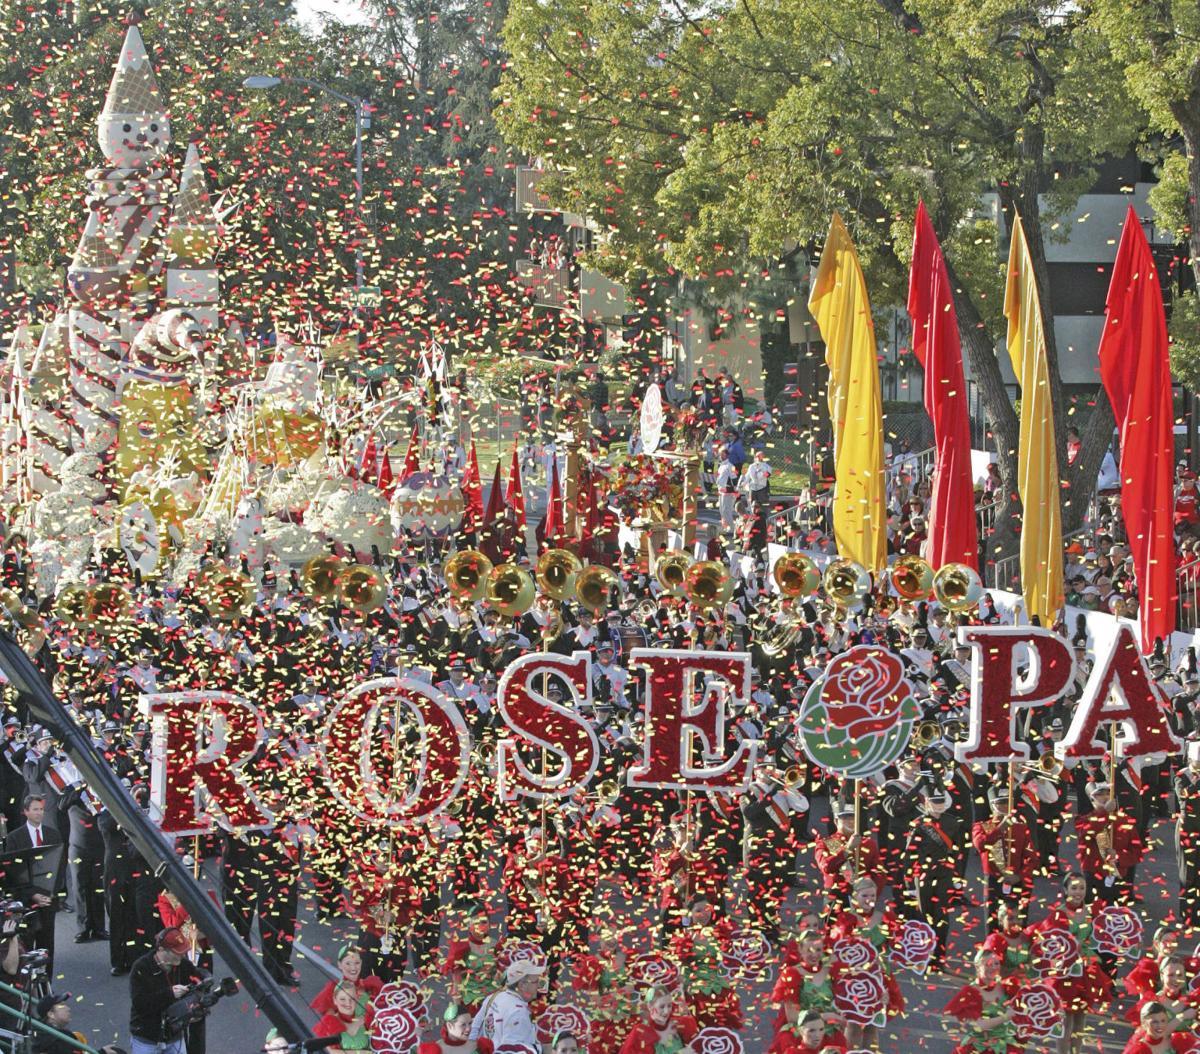 The 123rd Pasadena Tournament of Roses parade